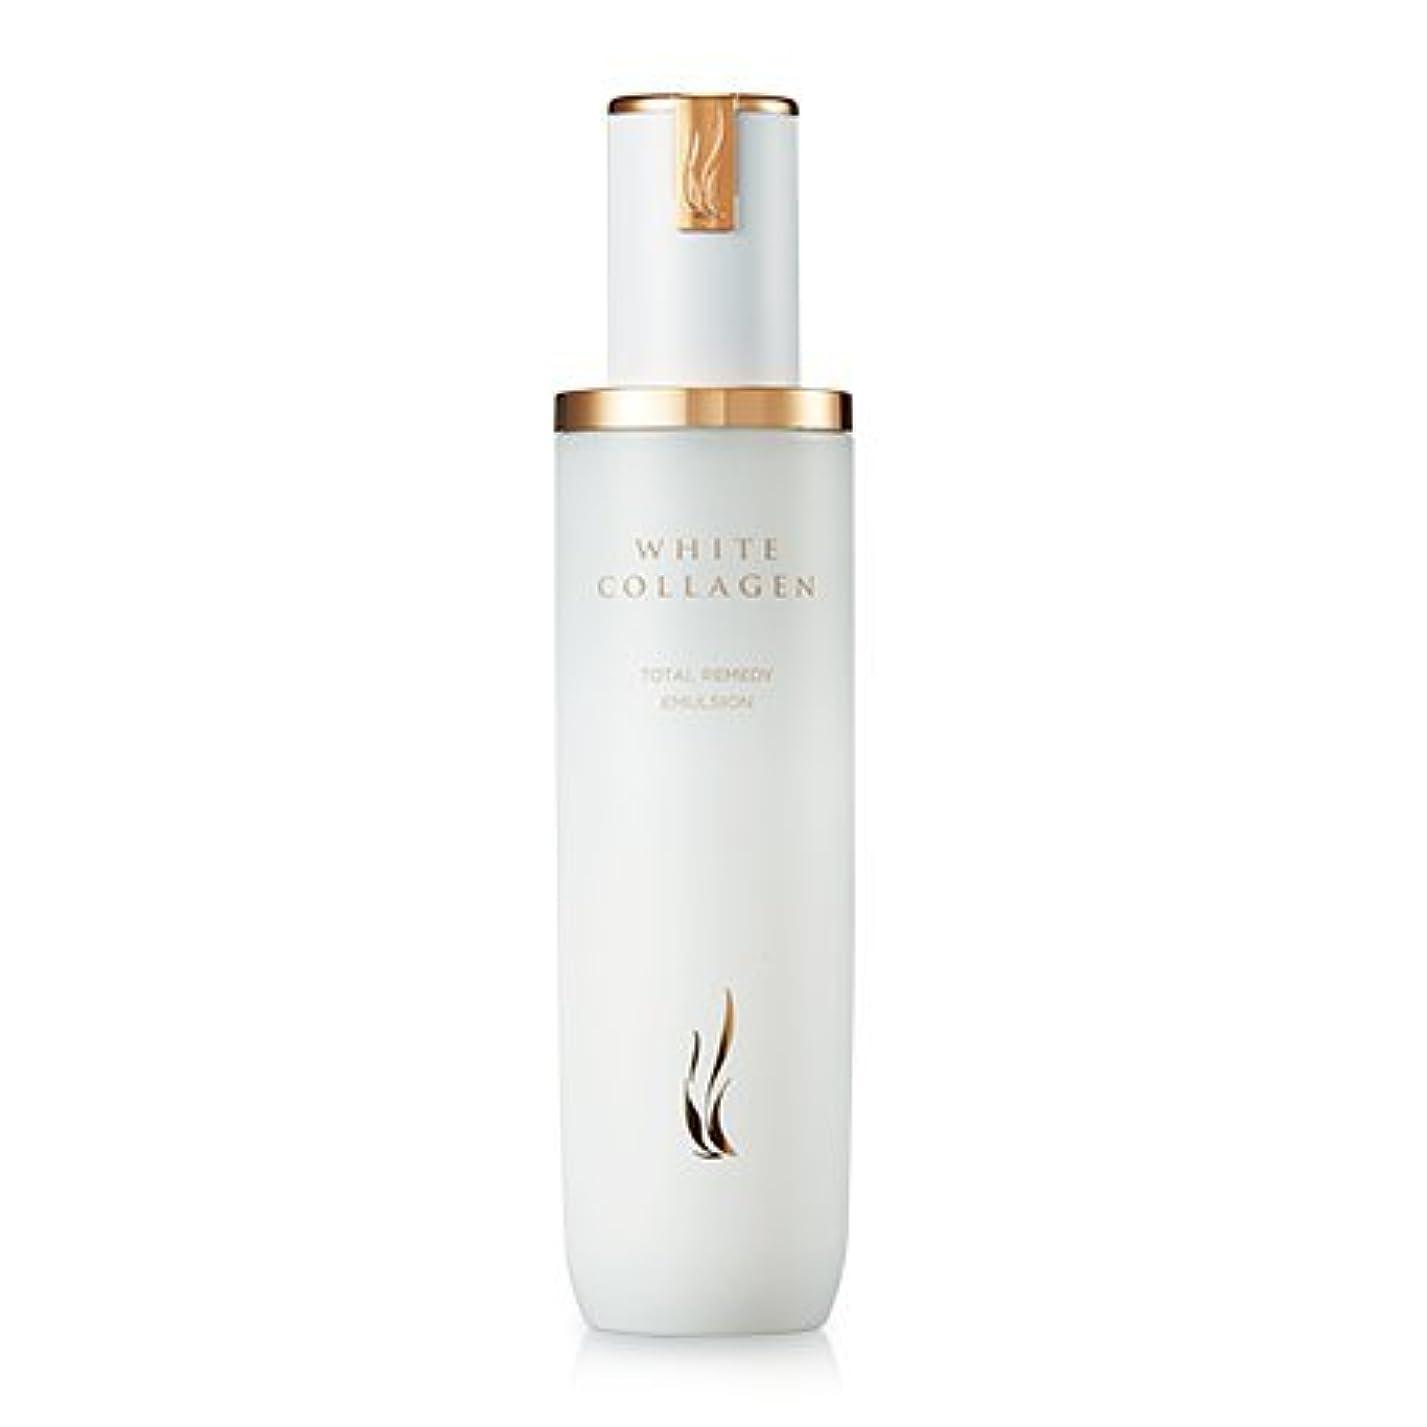 アミューズメントそこから実験[New] A.H.C (AHC) White Collagen Total Remedy Emulsion 130ml/A.H.C ホワイト コラーゲン トータル レミディ エマルジョン 130ml [並行輸入品]